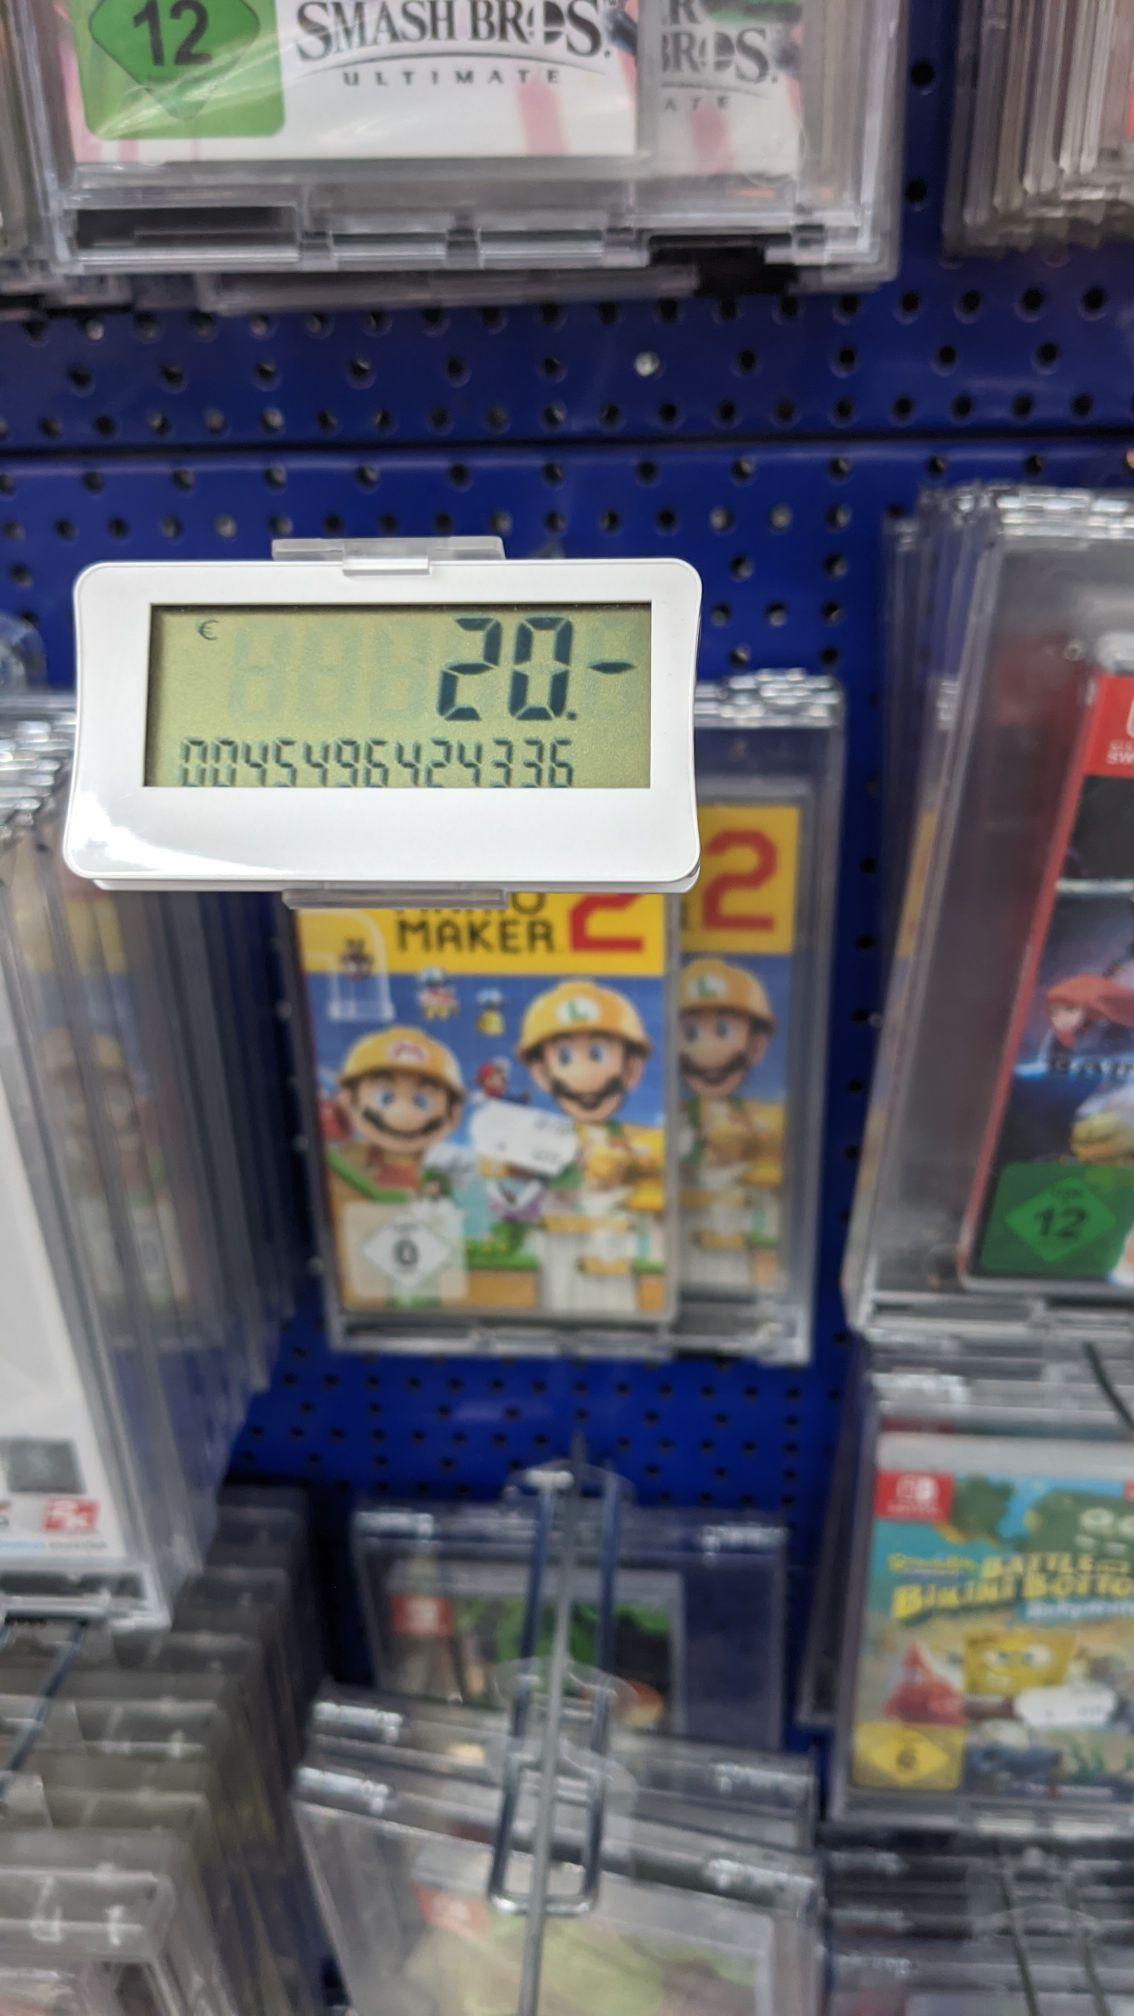 Lokal Saturn Hannover Super Mario Maker 2